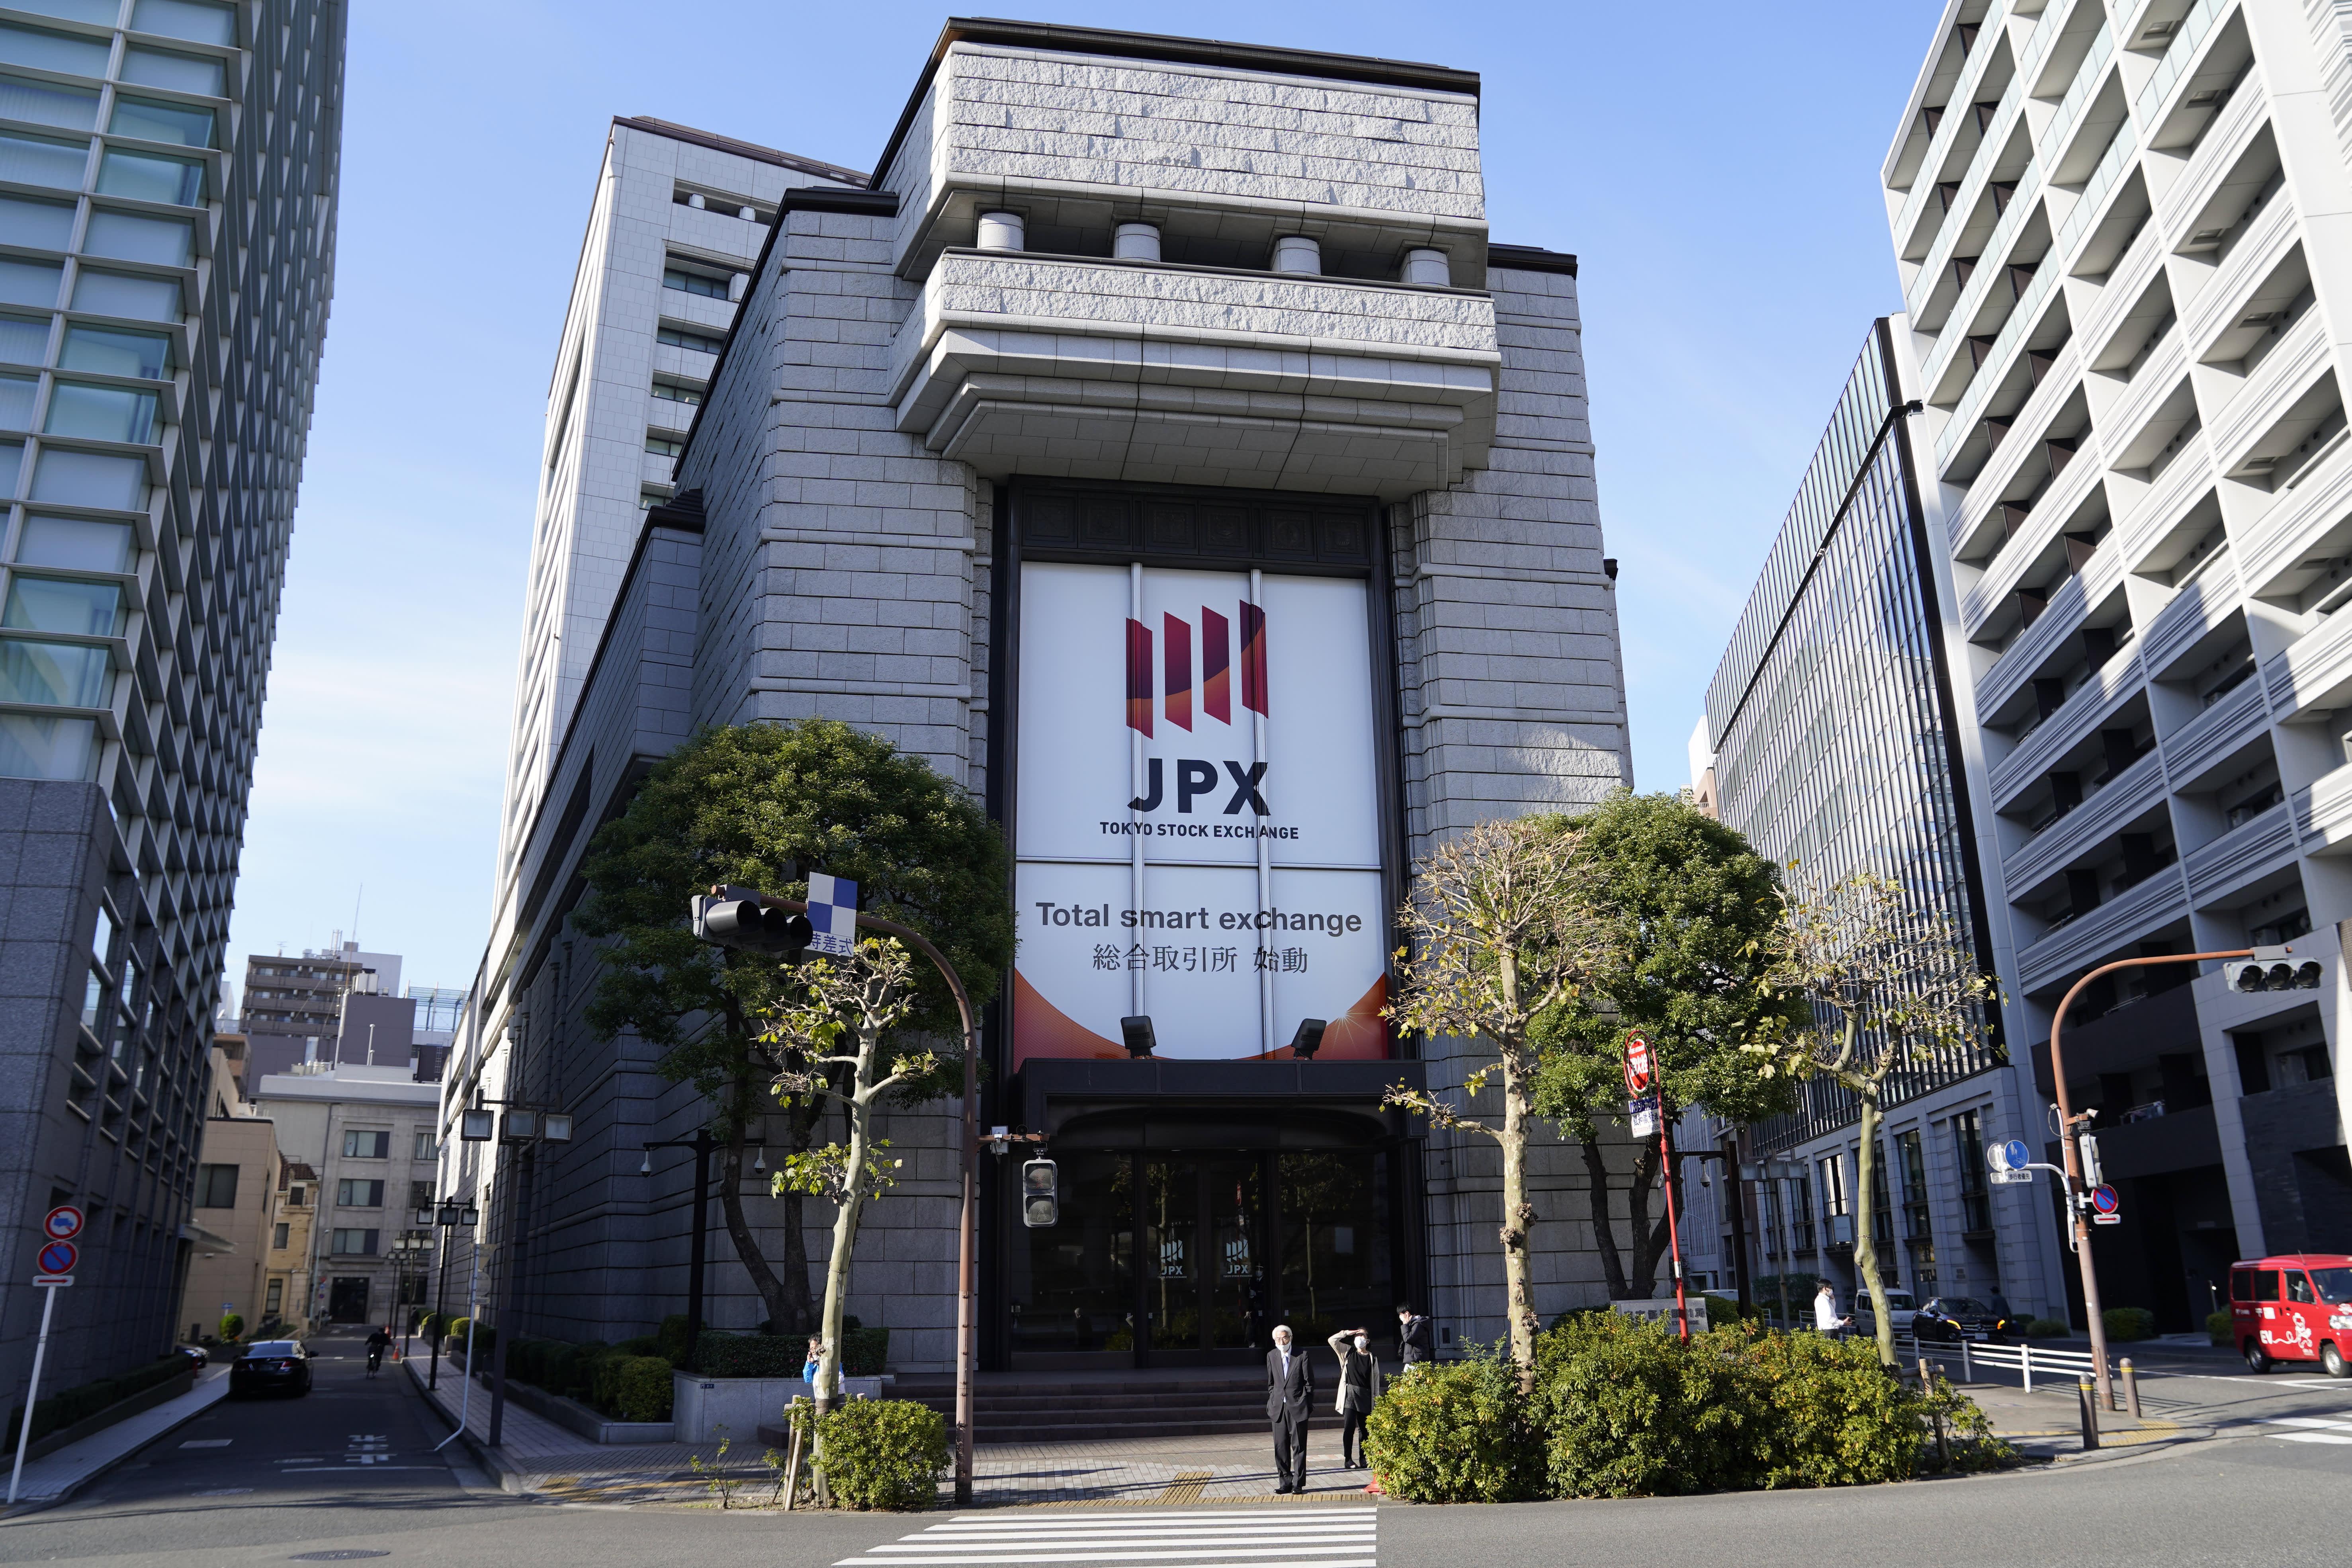 106816845-1609213716683-gettyimages-1229866474-JAPAN_JPX.jpeg?v=1626306269